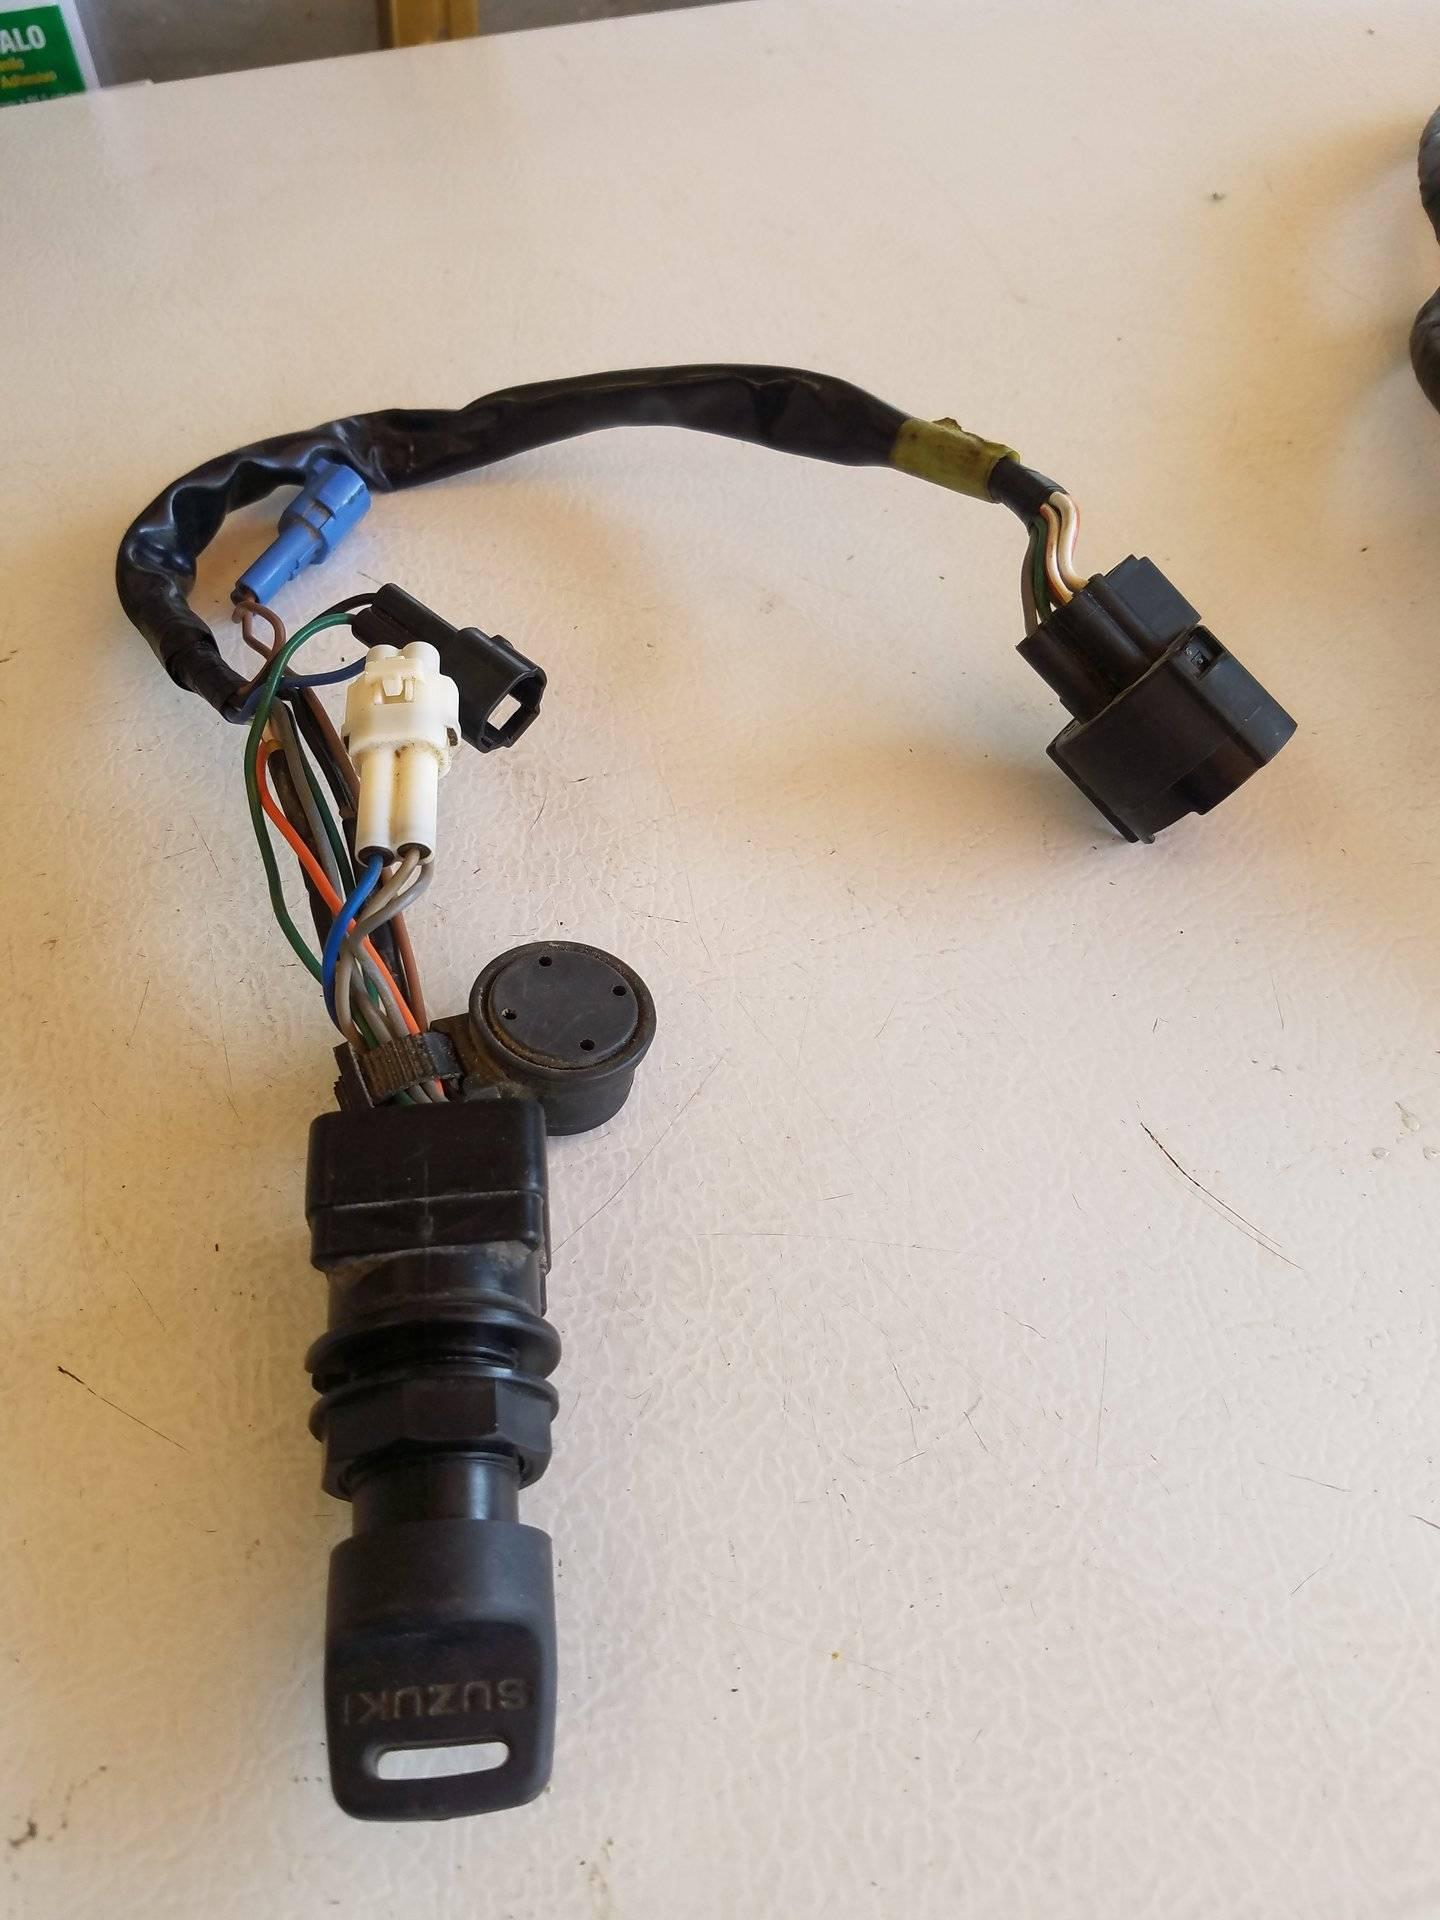 Suzuki Outboard Wiring Harness | Wiring Diagram - Suzuki Outboard Ignition Switch Wiring Diagram